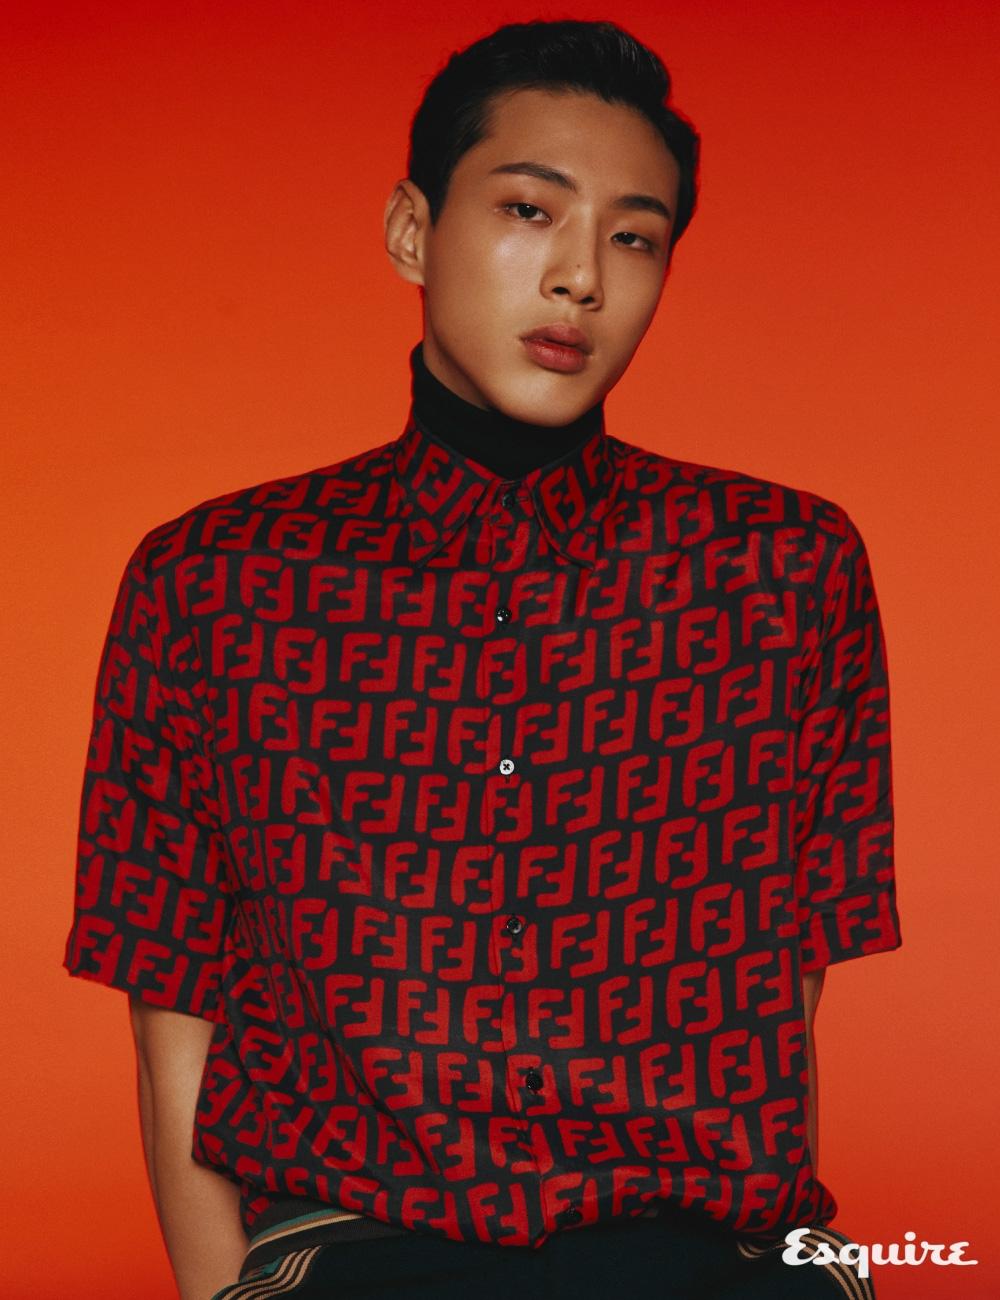 FF 로고 셔츠, 쇼츠 모두 펜디. 넥 워머 스타일리스트 소장품.